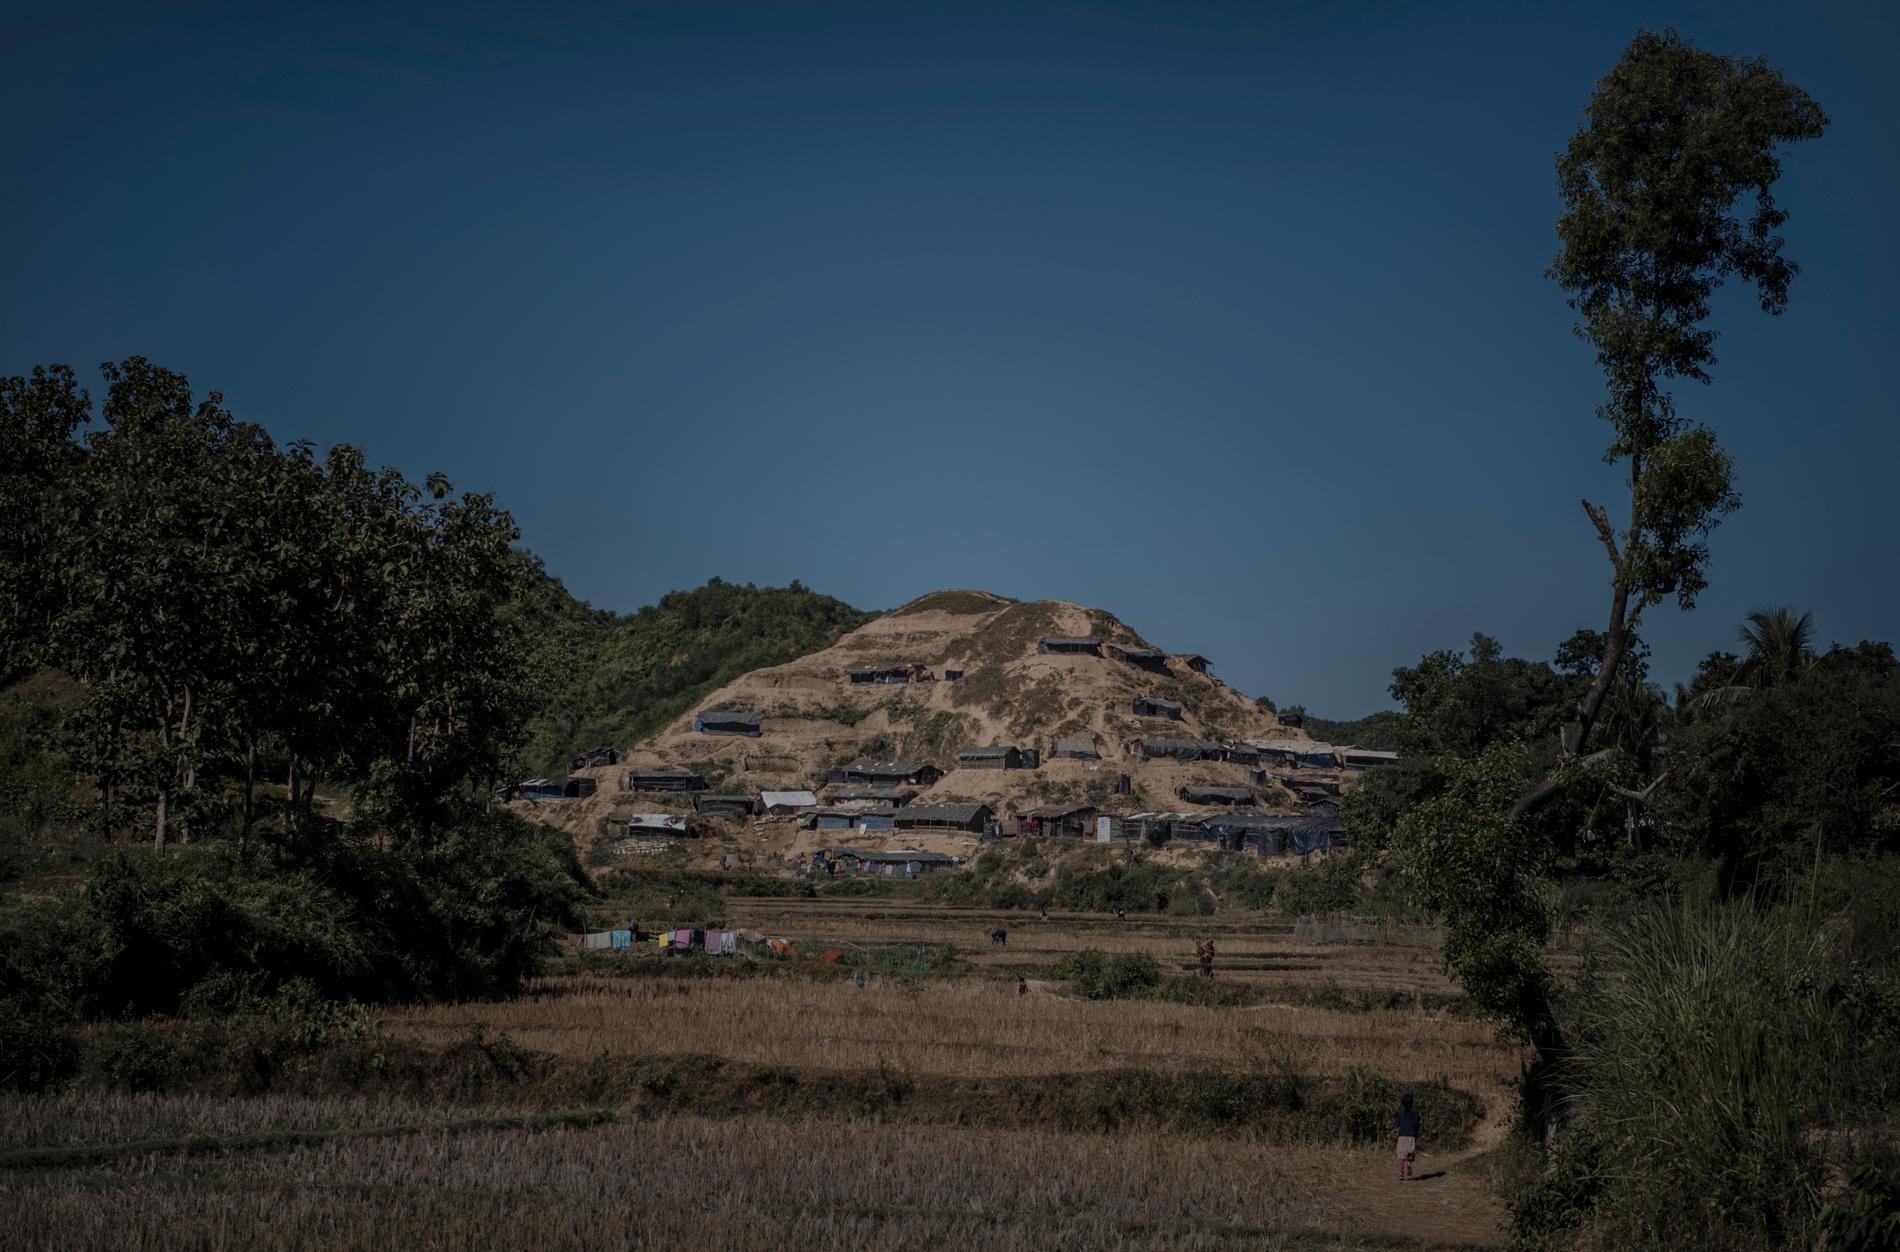 Bosättningarna i Nayapara i södra Bangladesh är provisoriskt byggda och så nya att de inte har börjat kallas flyktingläger än.